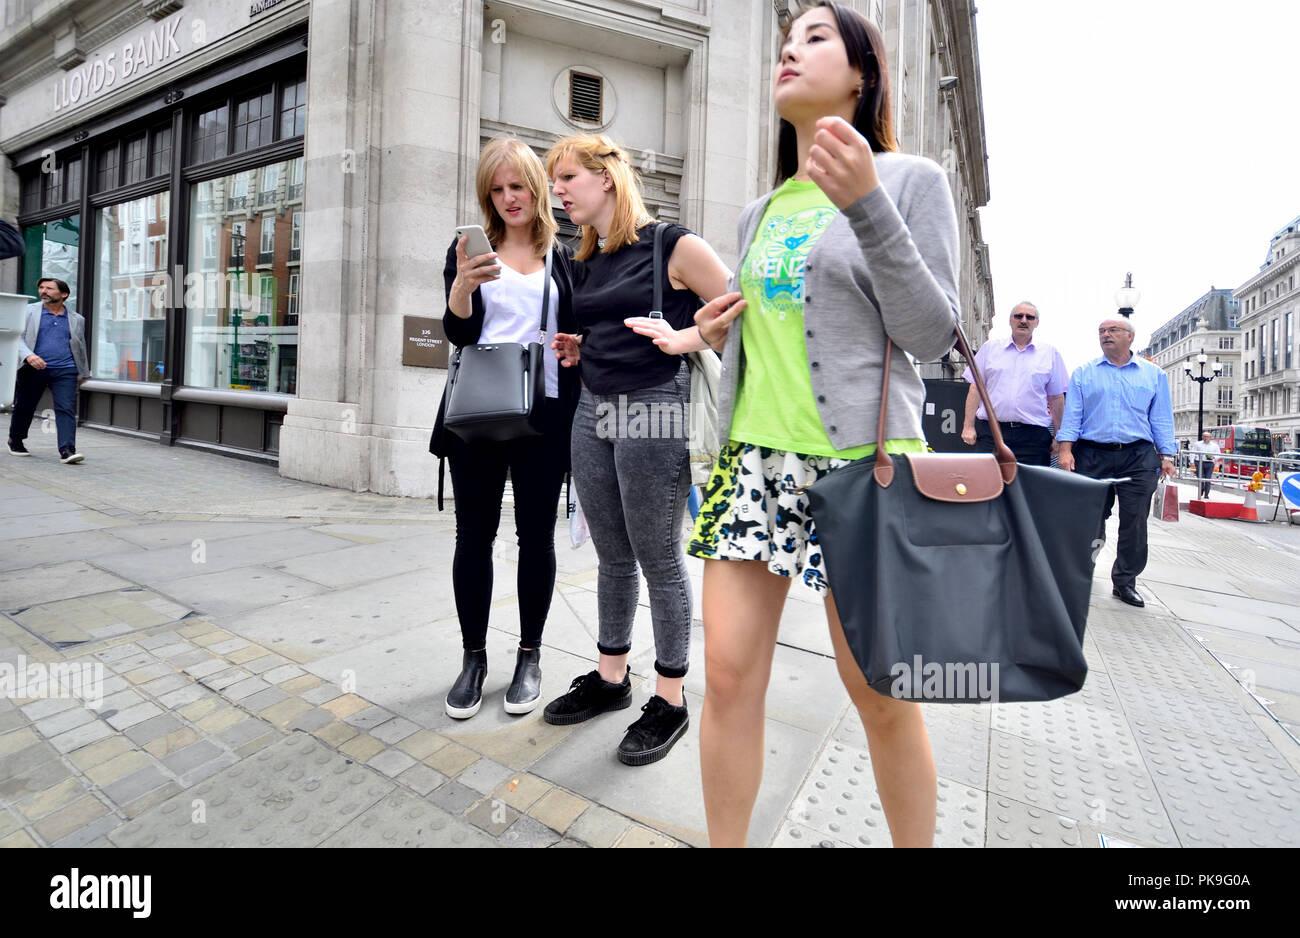 Zwei junge Frauen auf einem Mobiltelefon suchen, Regent Street, London, England, UK. Stockbild